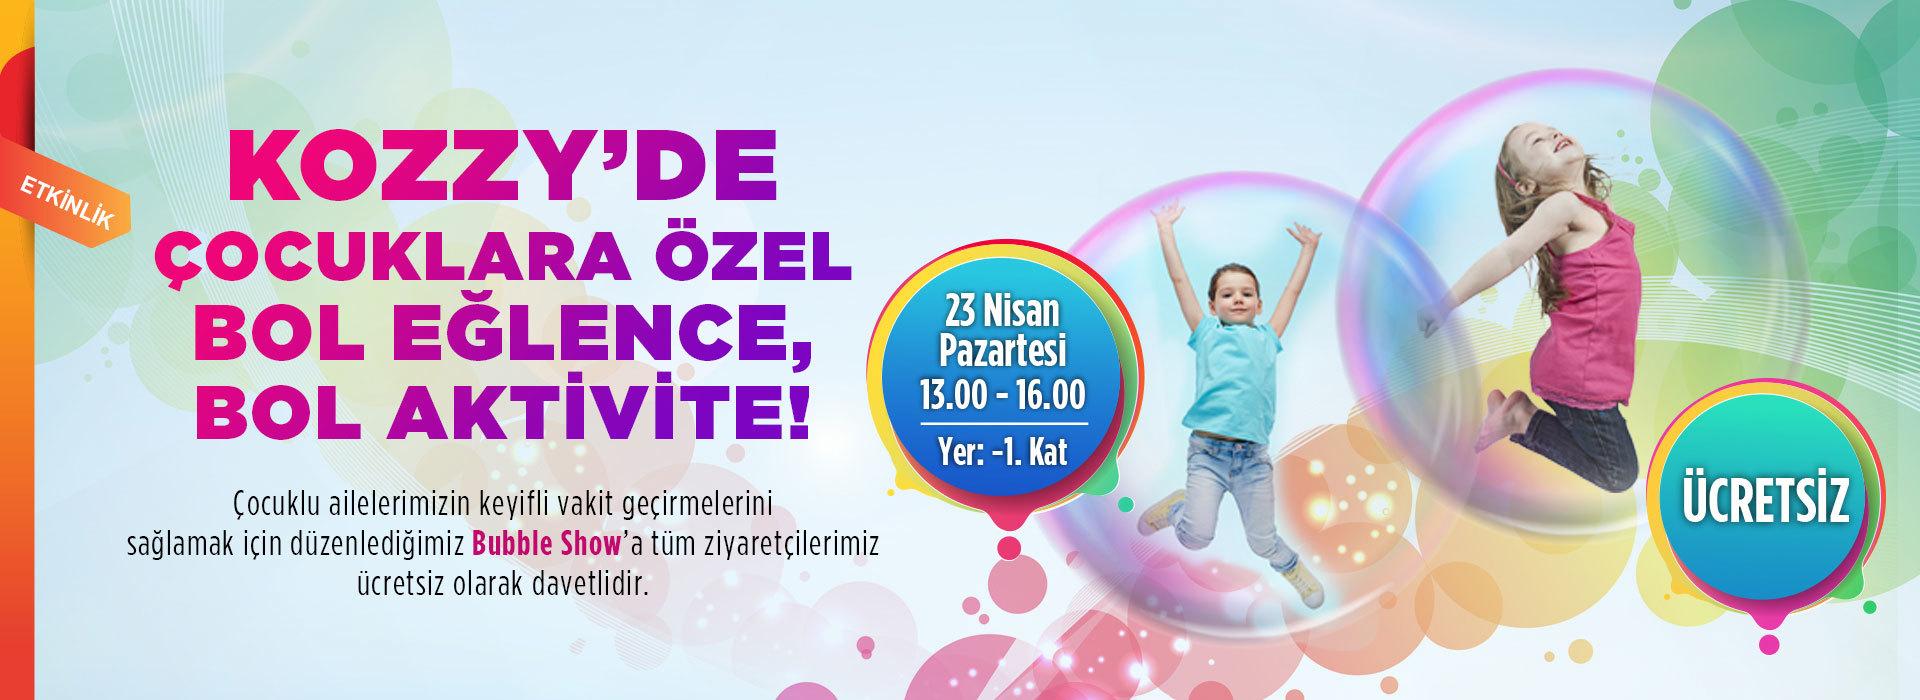 Kozzy'de Çocuklara Özel Bol Eğlence,Bol Aktivite!